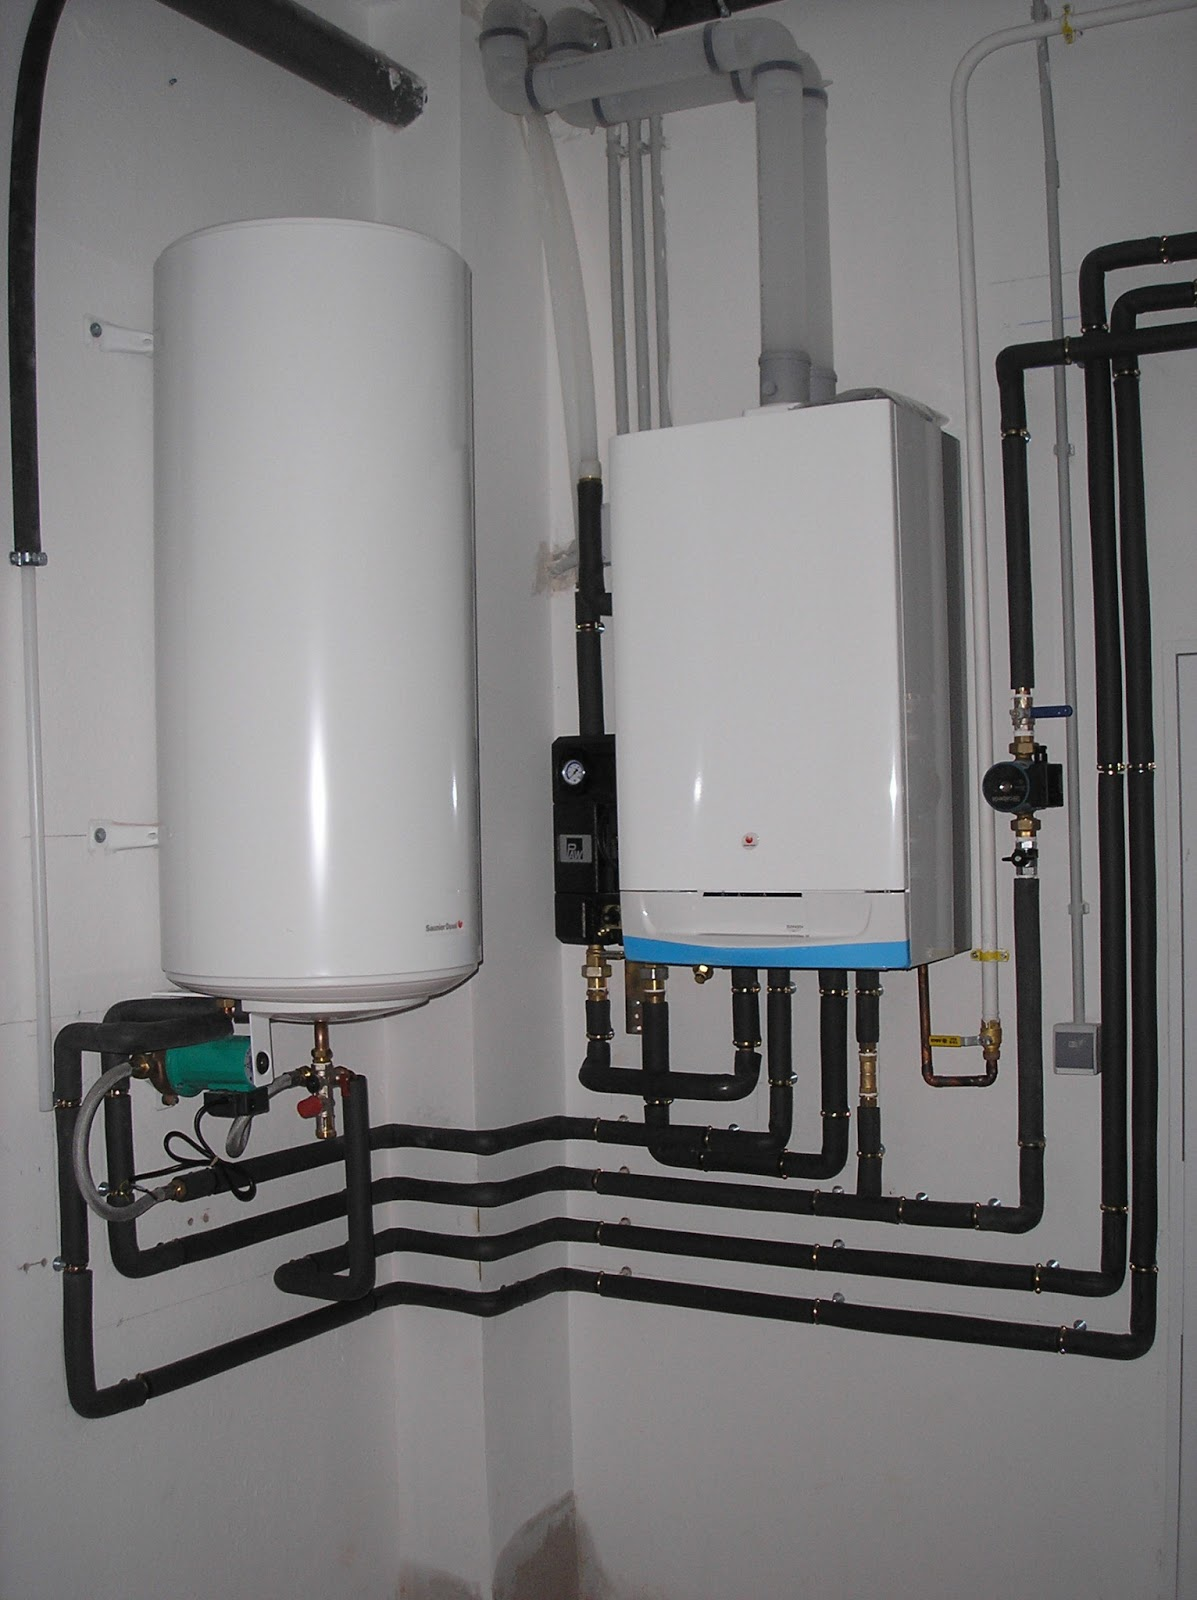 C mo ahorrar energ a 18 02 2013 gas natural versus gasoil - Caldera de calefaccion ...